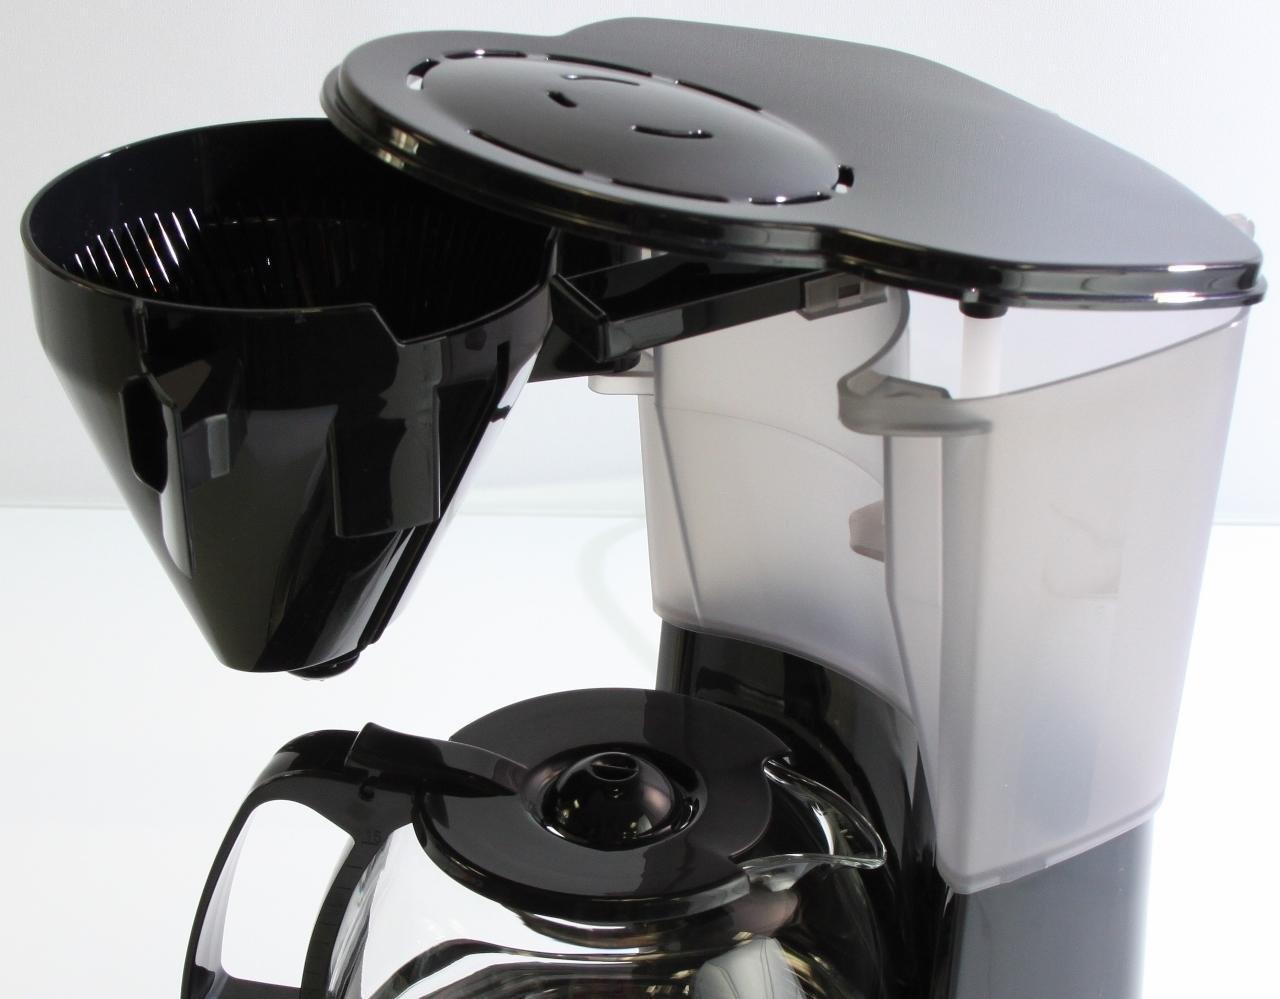 Melitta bietet Kaffeemaschinen bereits sehr günstig an.